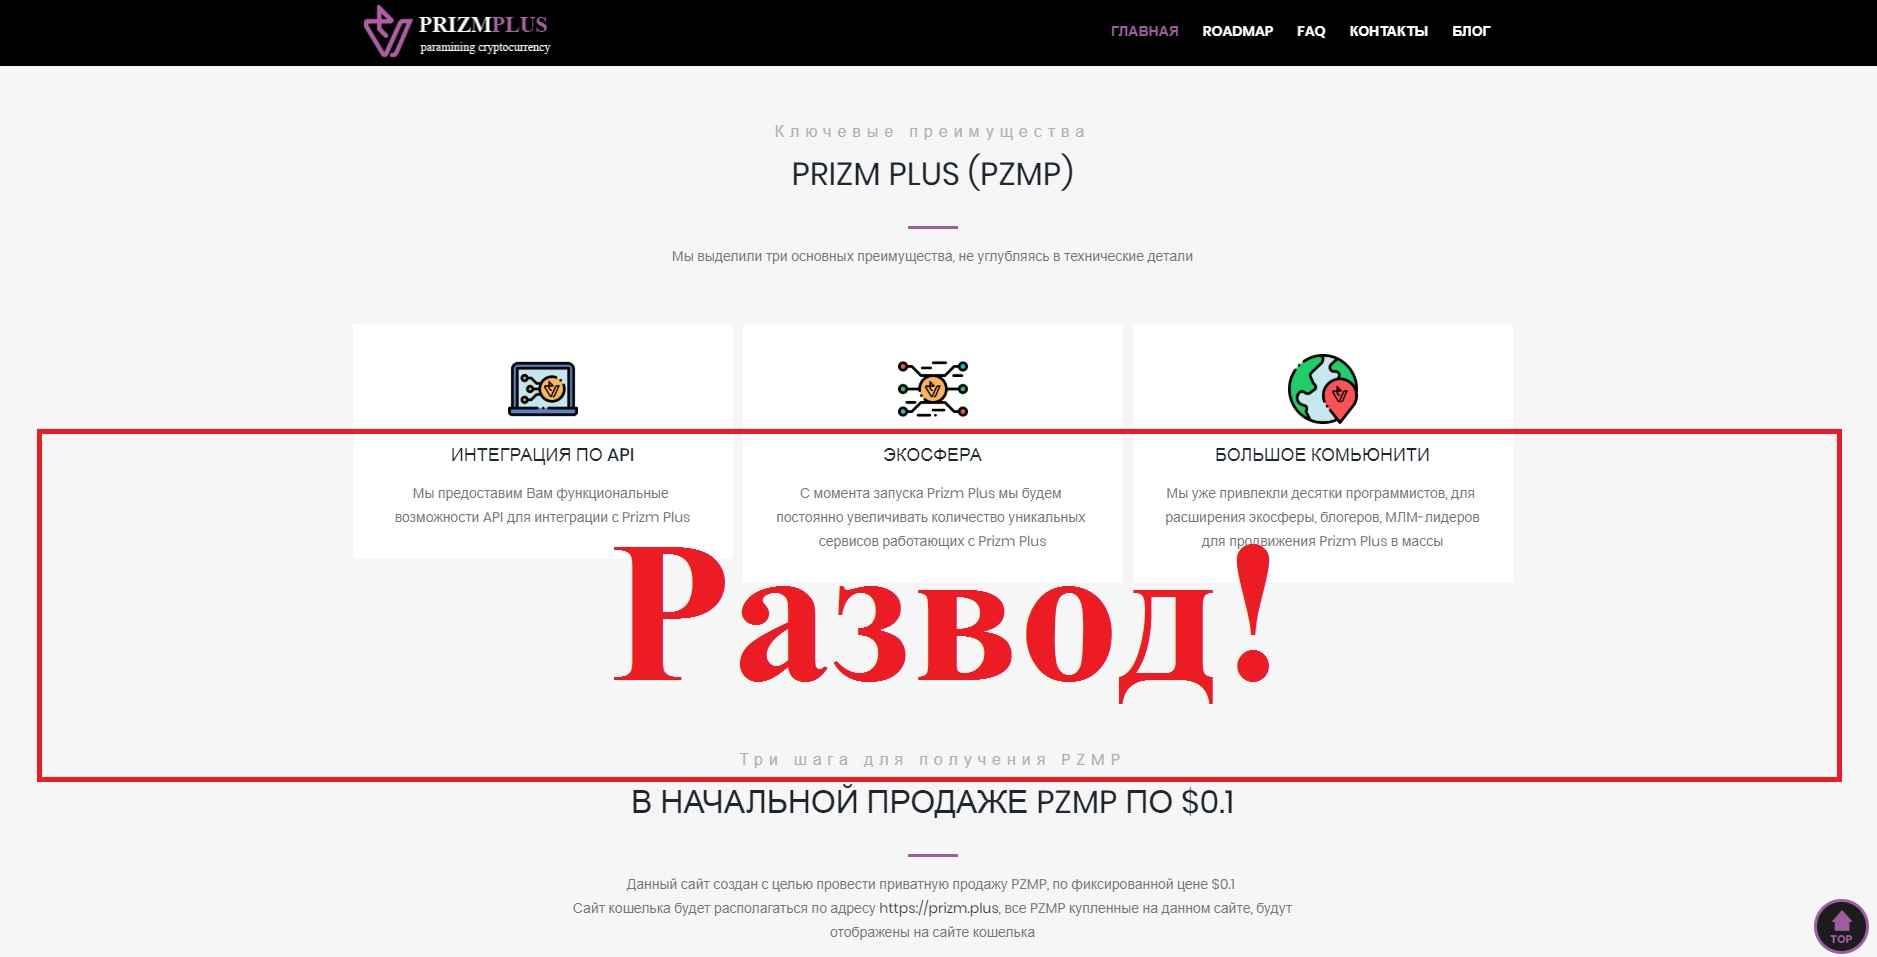 Отзывы о Prizm Plus – концепция криптовалюты prizm